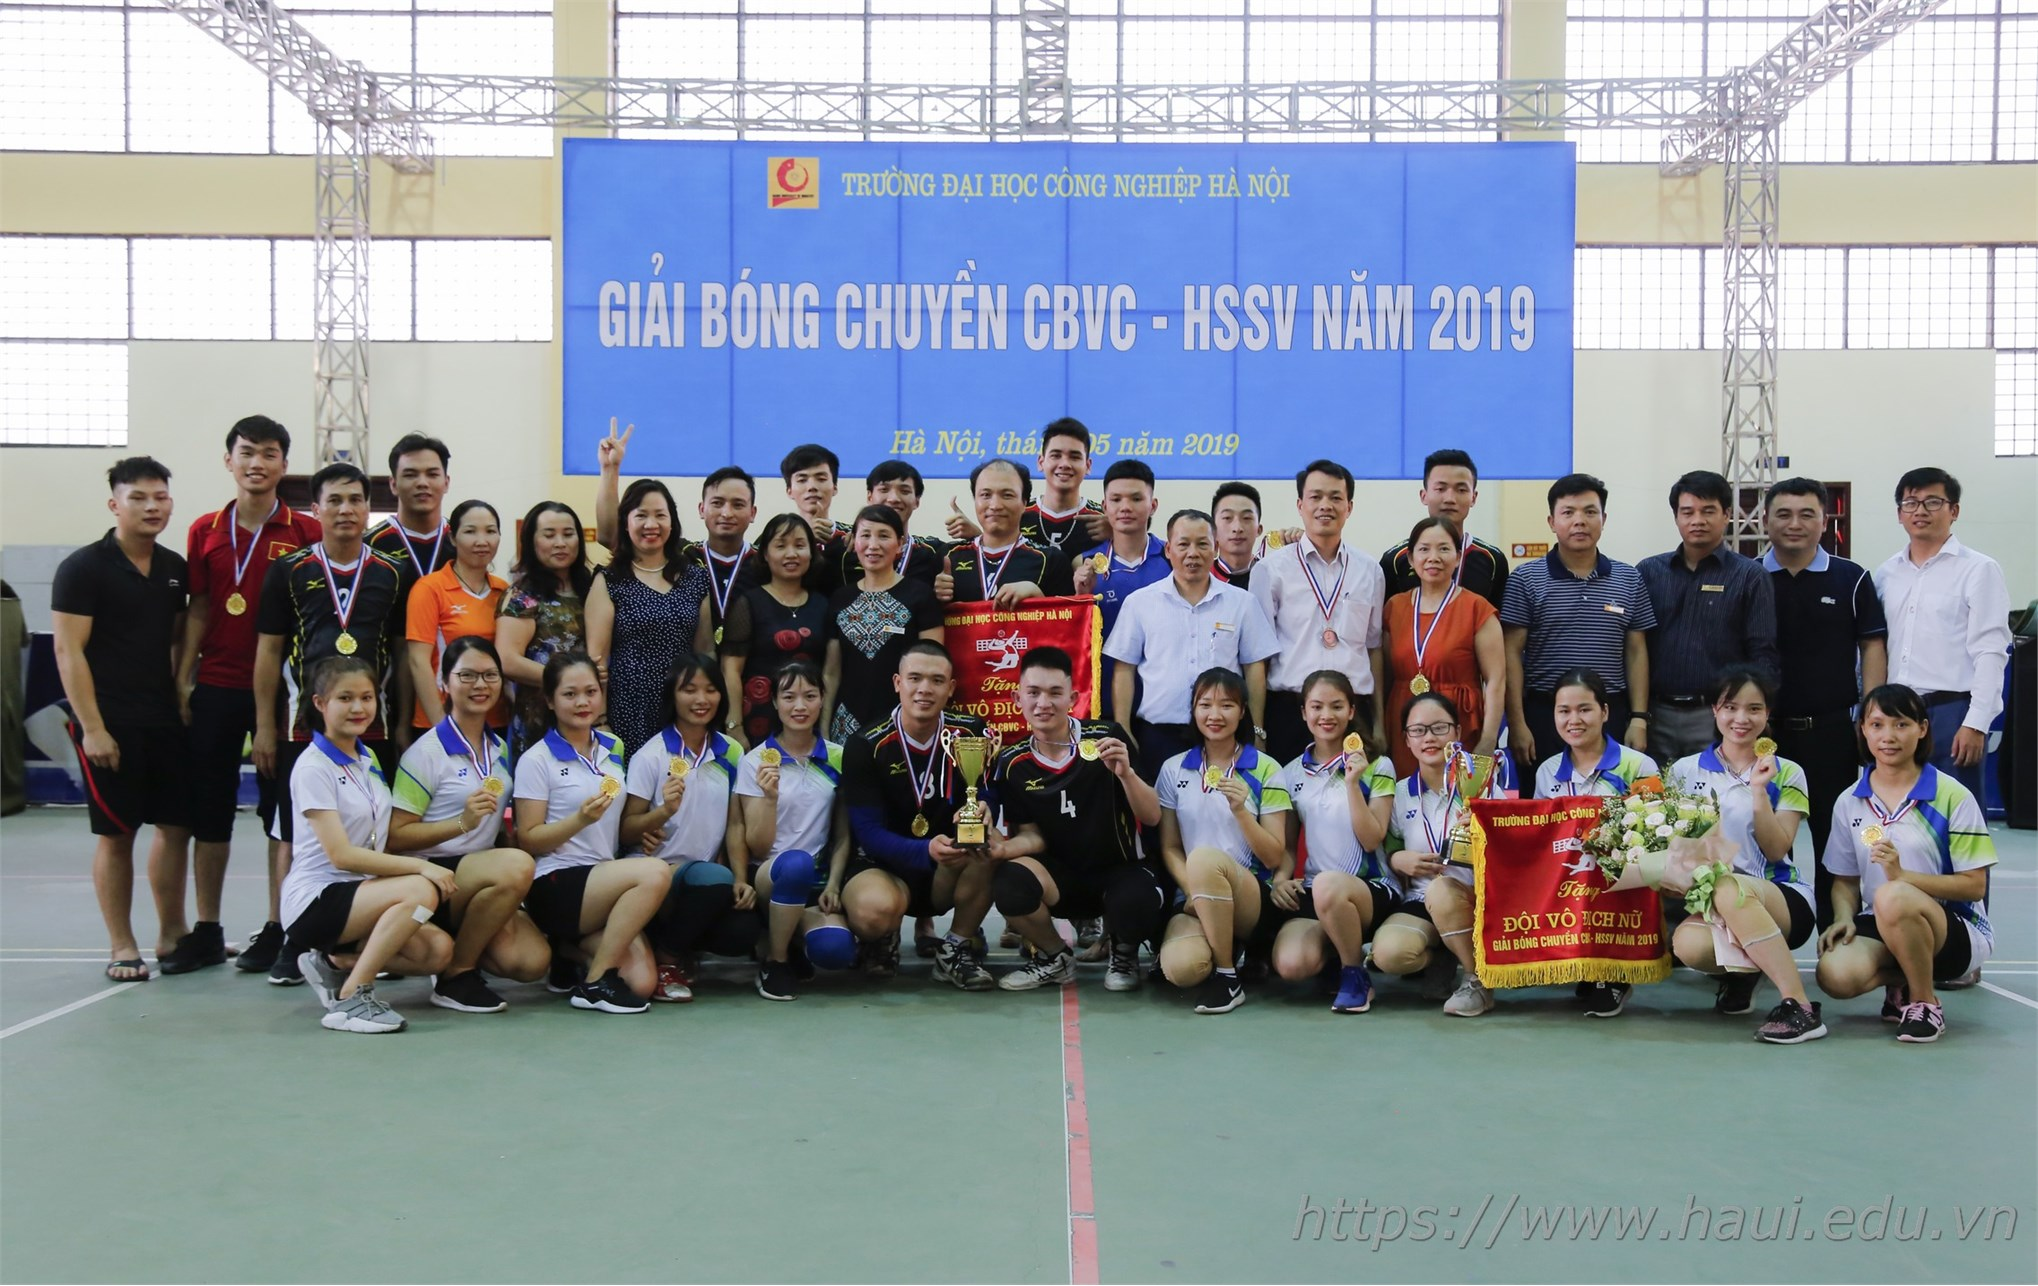 Chung kết và trao giải Bóng chuyền CBVC-HSSV năm học 2018-2019